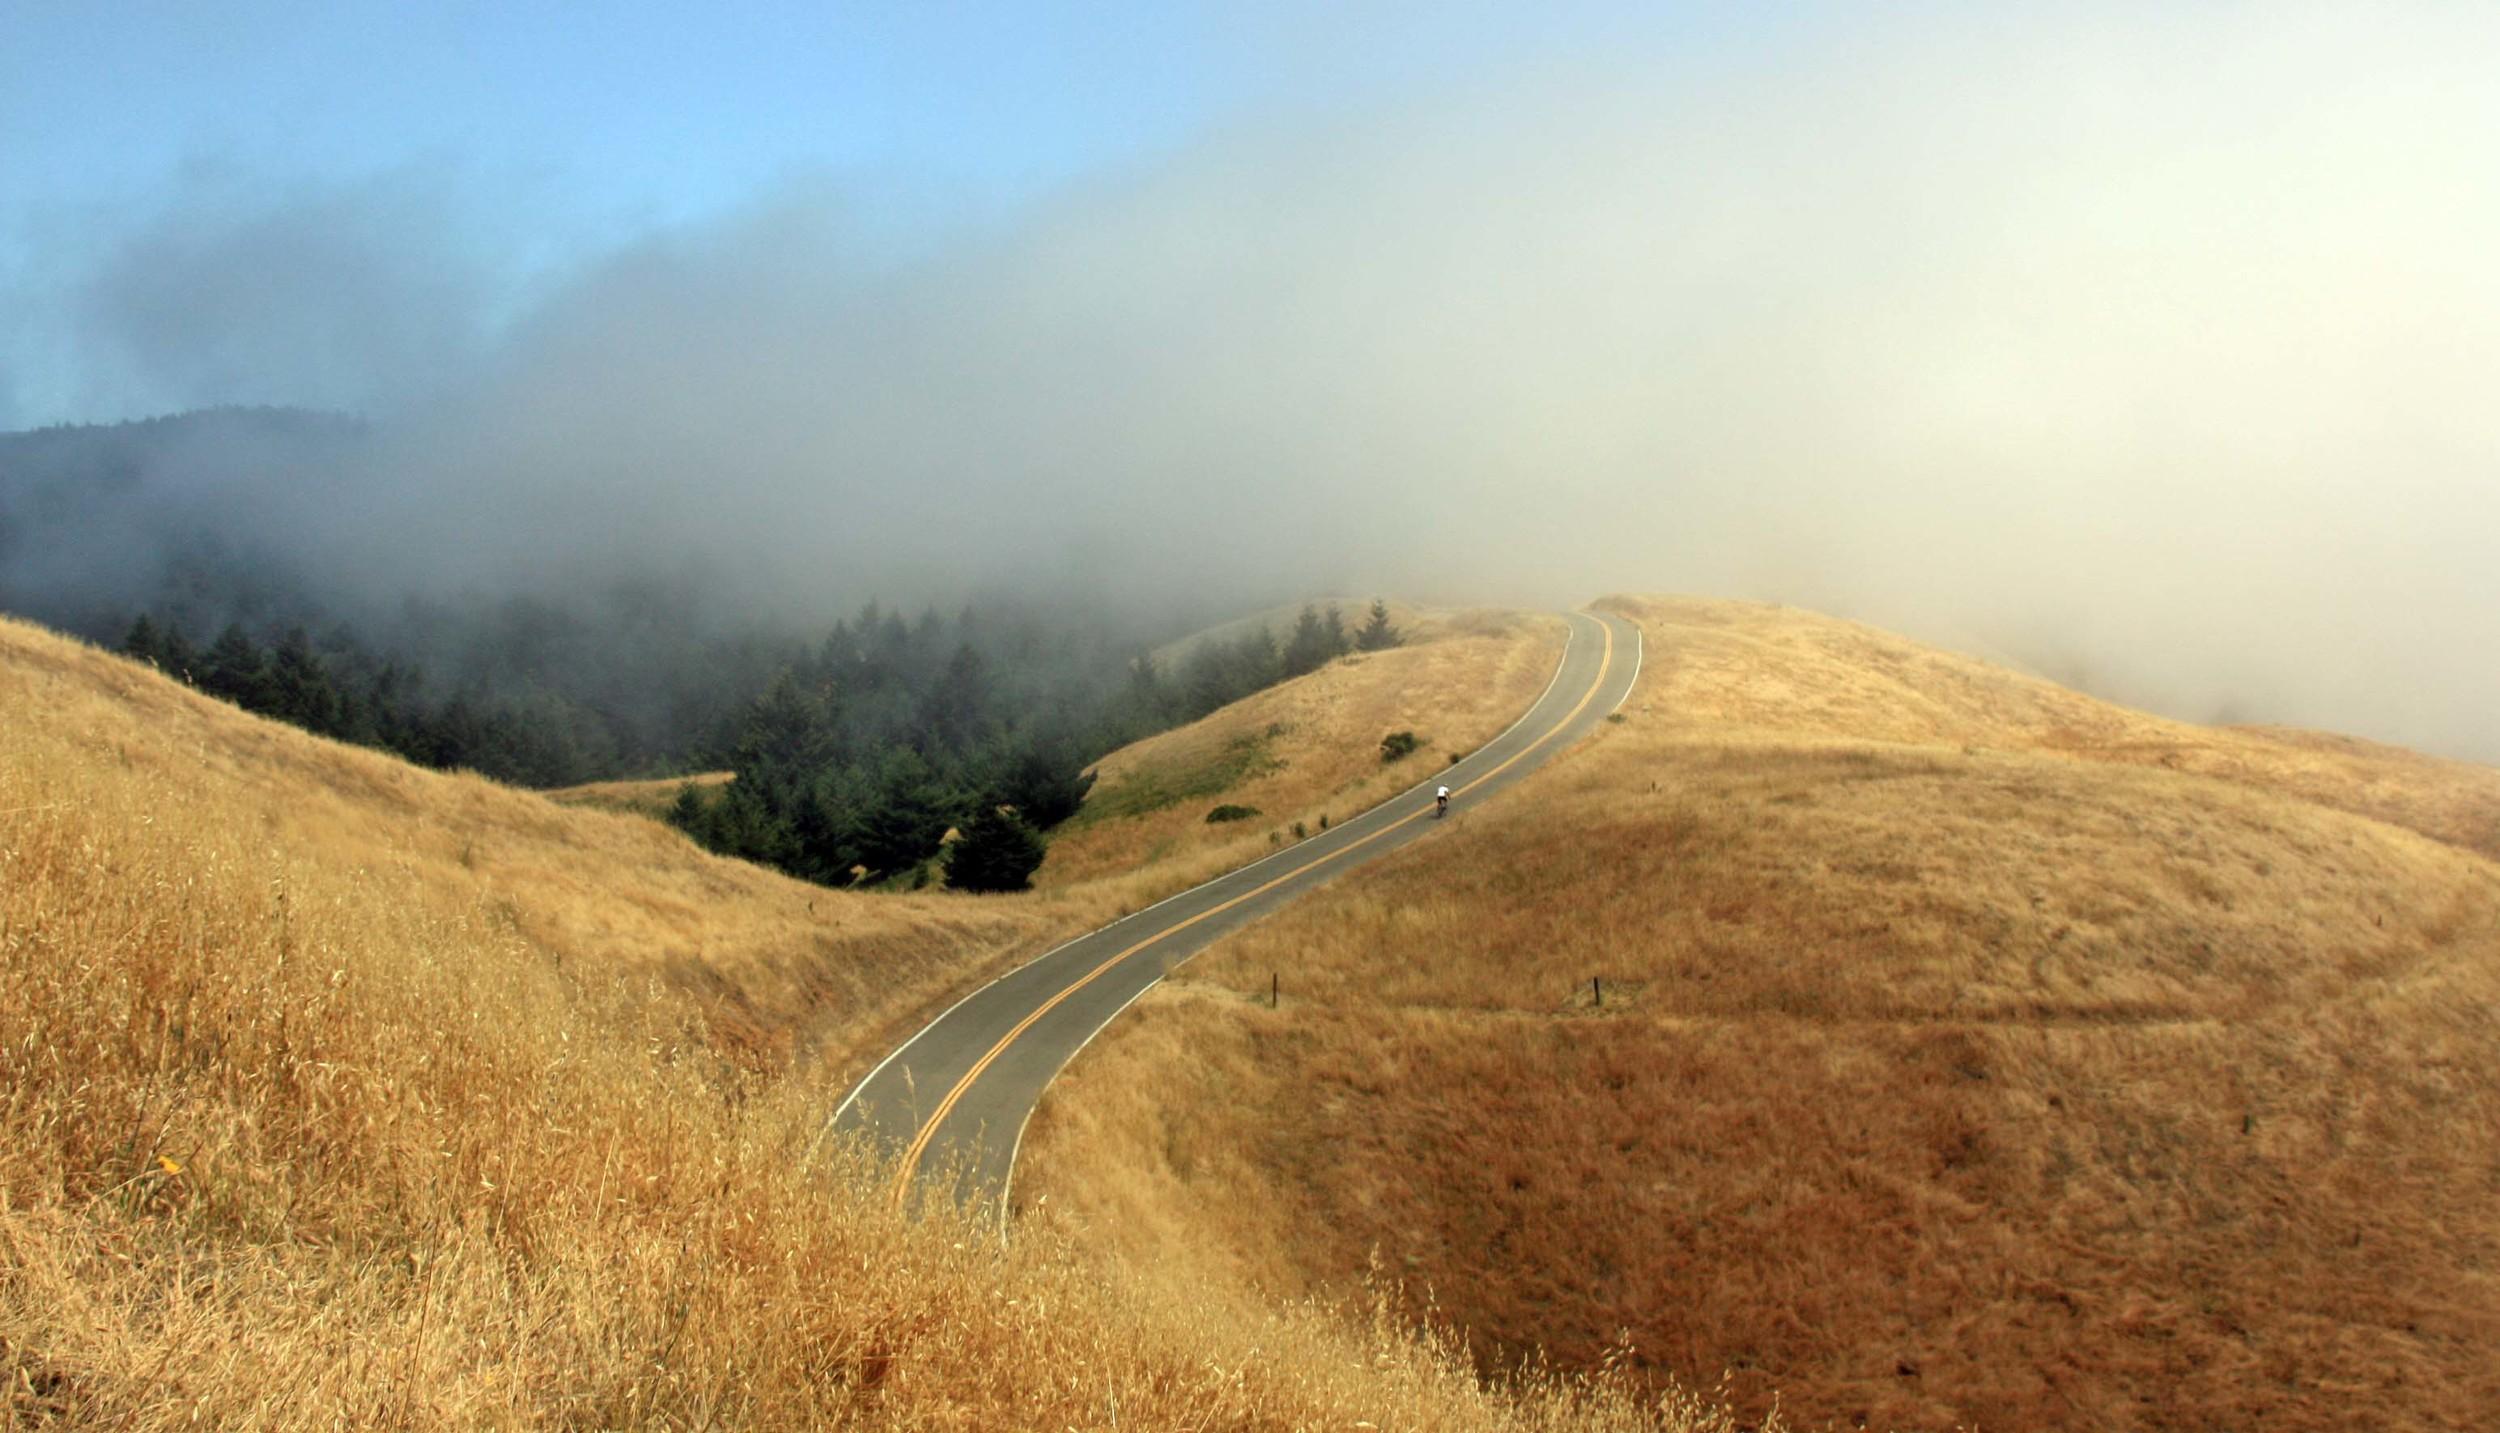 Image courtesy of Summitpost.org